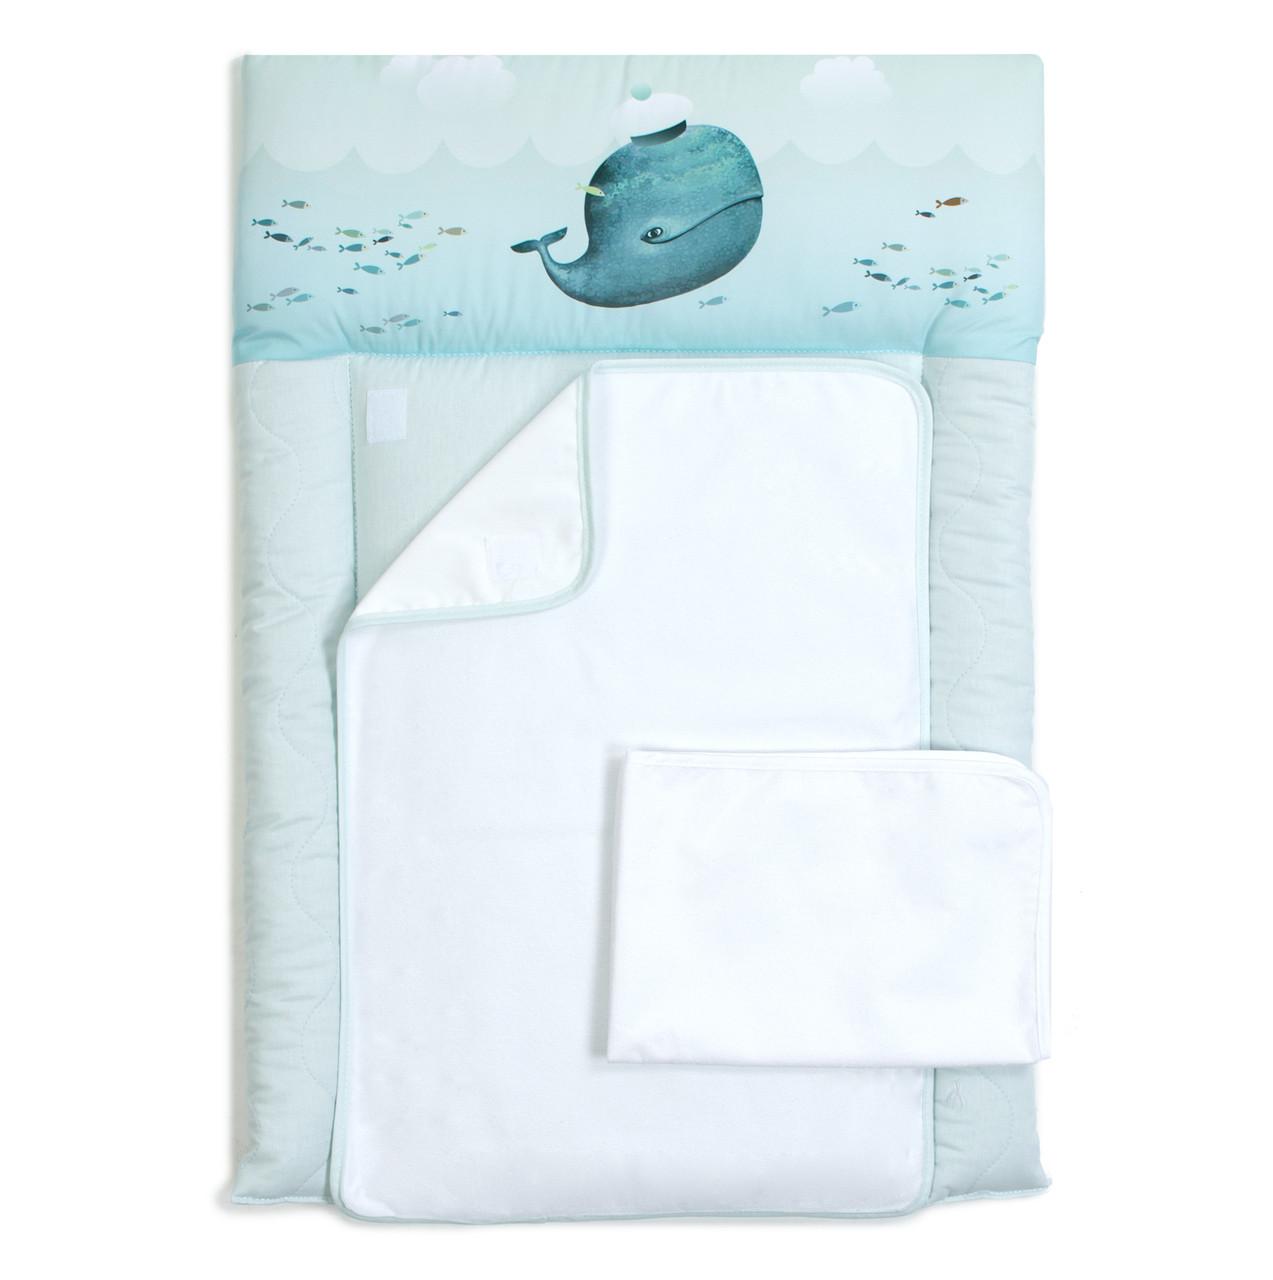 Пеленальный матрас для новорожденных тканевый  Veres Menthol whale голубой